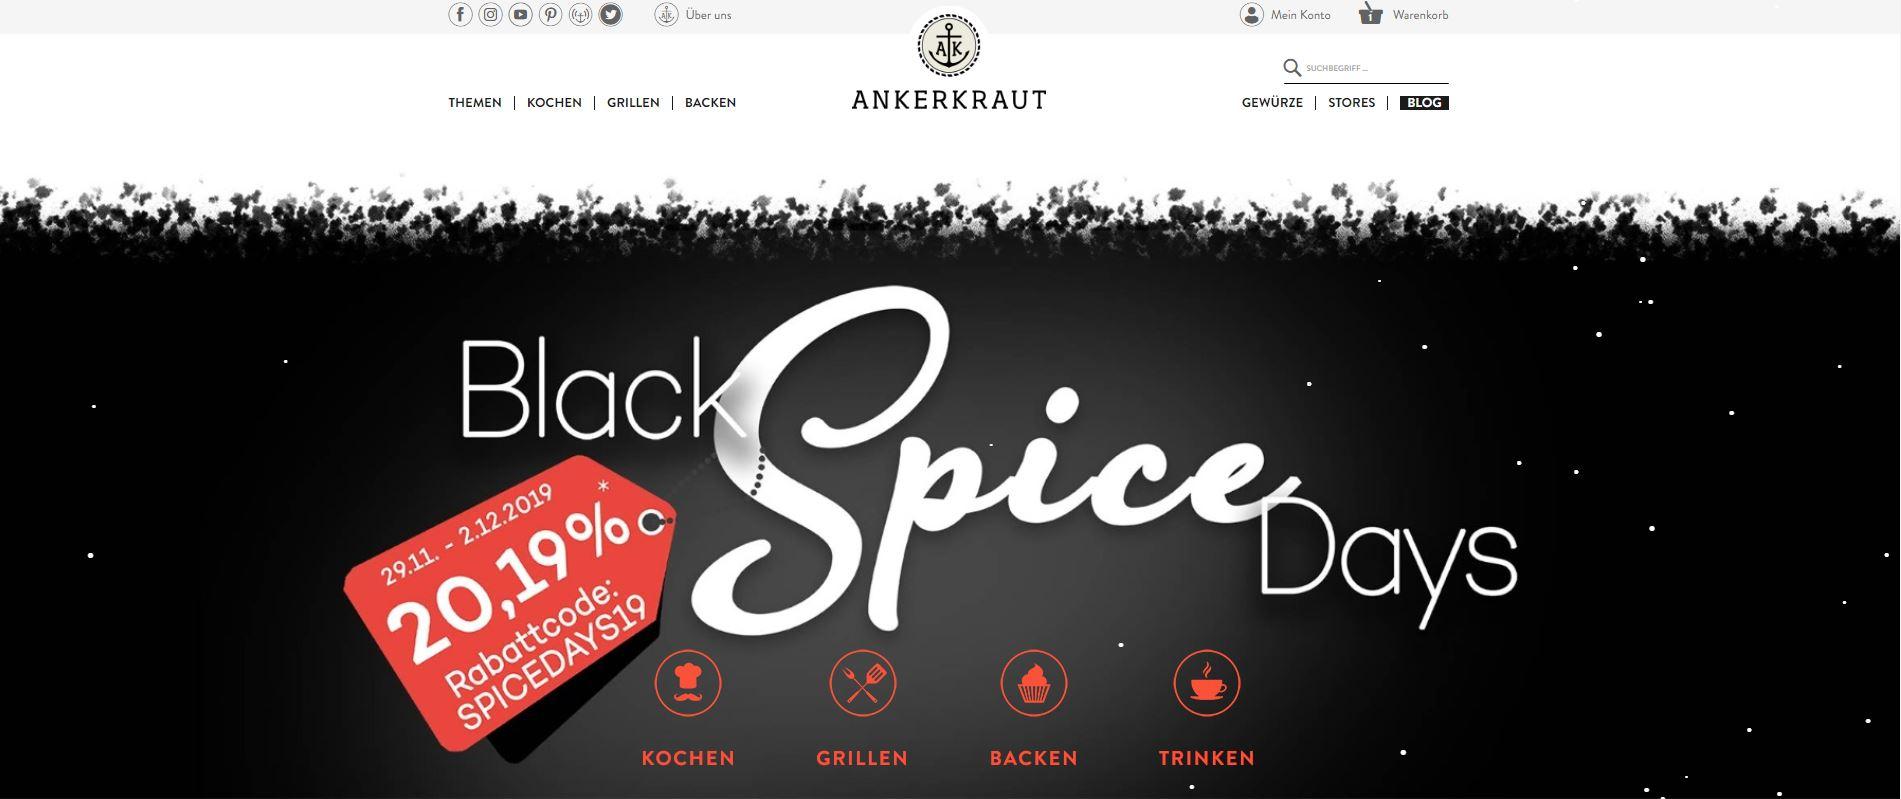 Black Spice Day: 20,19% Rabatt auf alle Ankerkraut Produkte